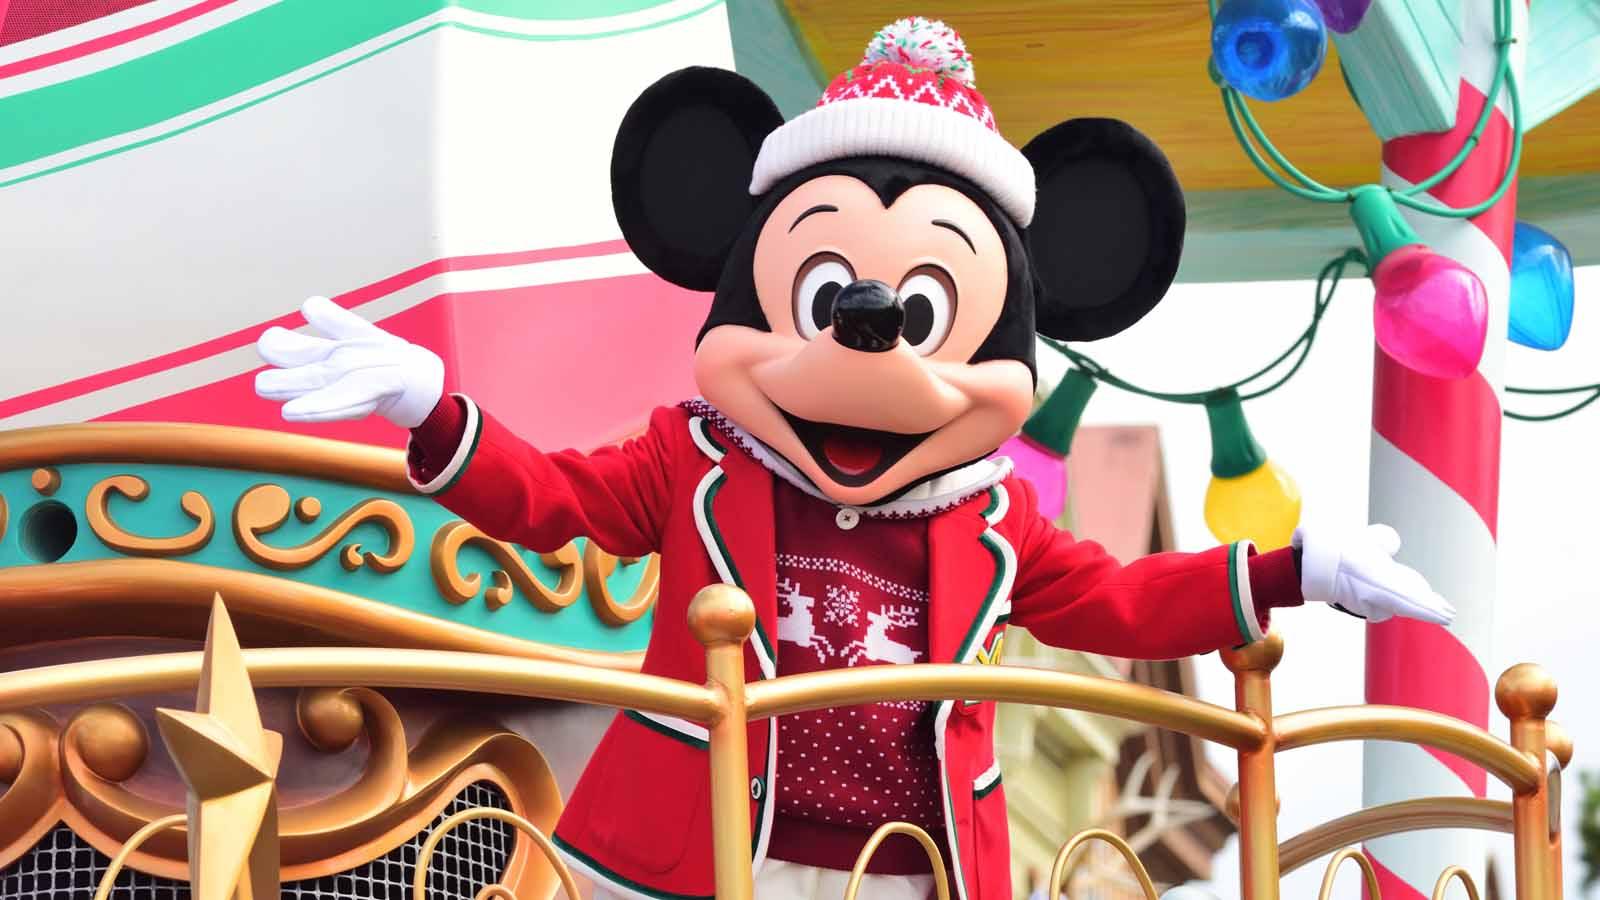 ディズニー・クリスマス・ストーリーズ2018 ミッキー